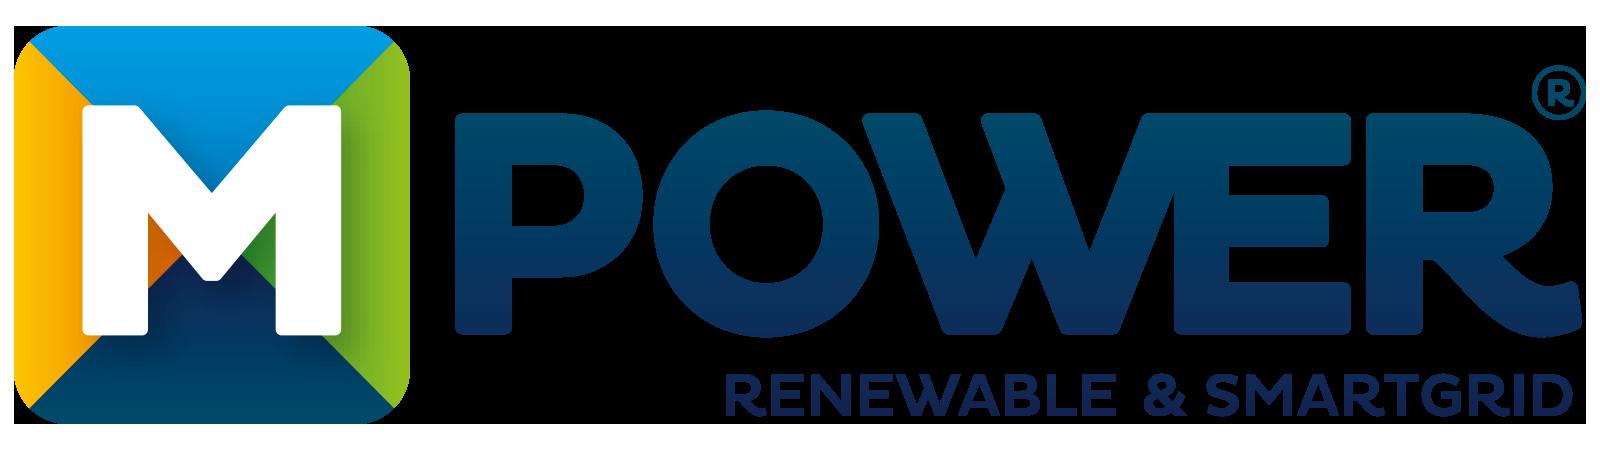 Logo van MPower. Links staat een blok met vier kleuren, blauw, groen, zwart en geel. In het midden staat een m. Daarnaast de blauwe letters power en daaronder: renewable & smartgrid.